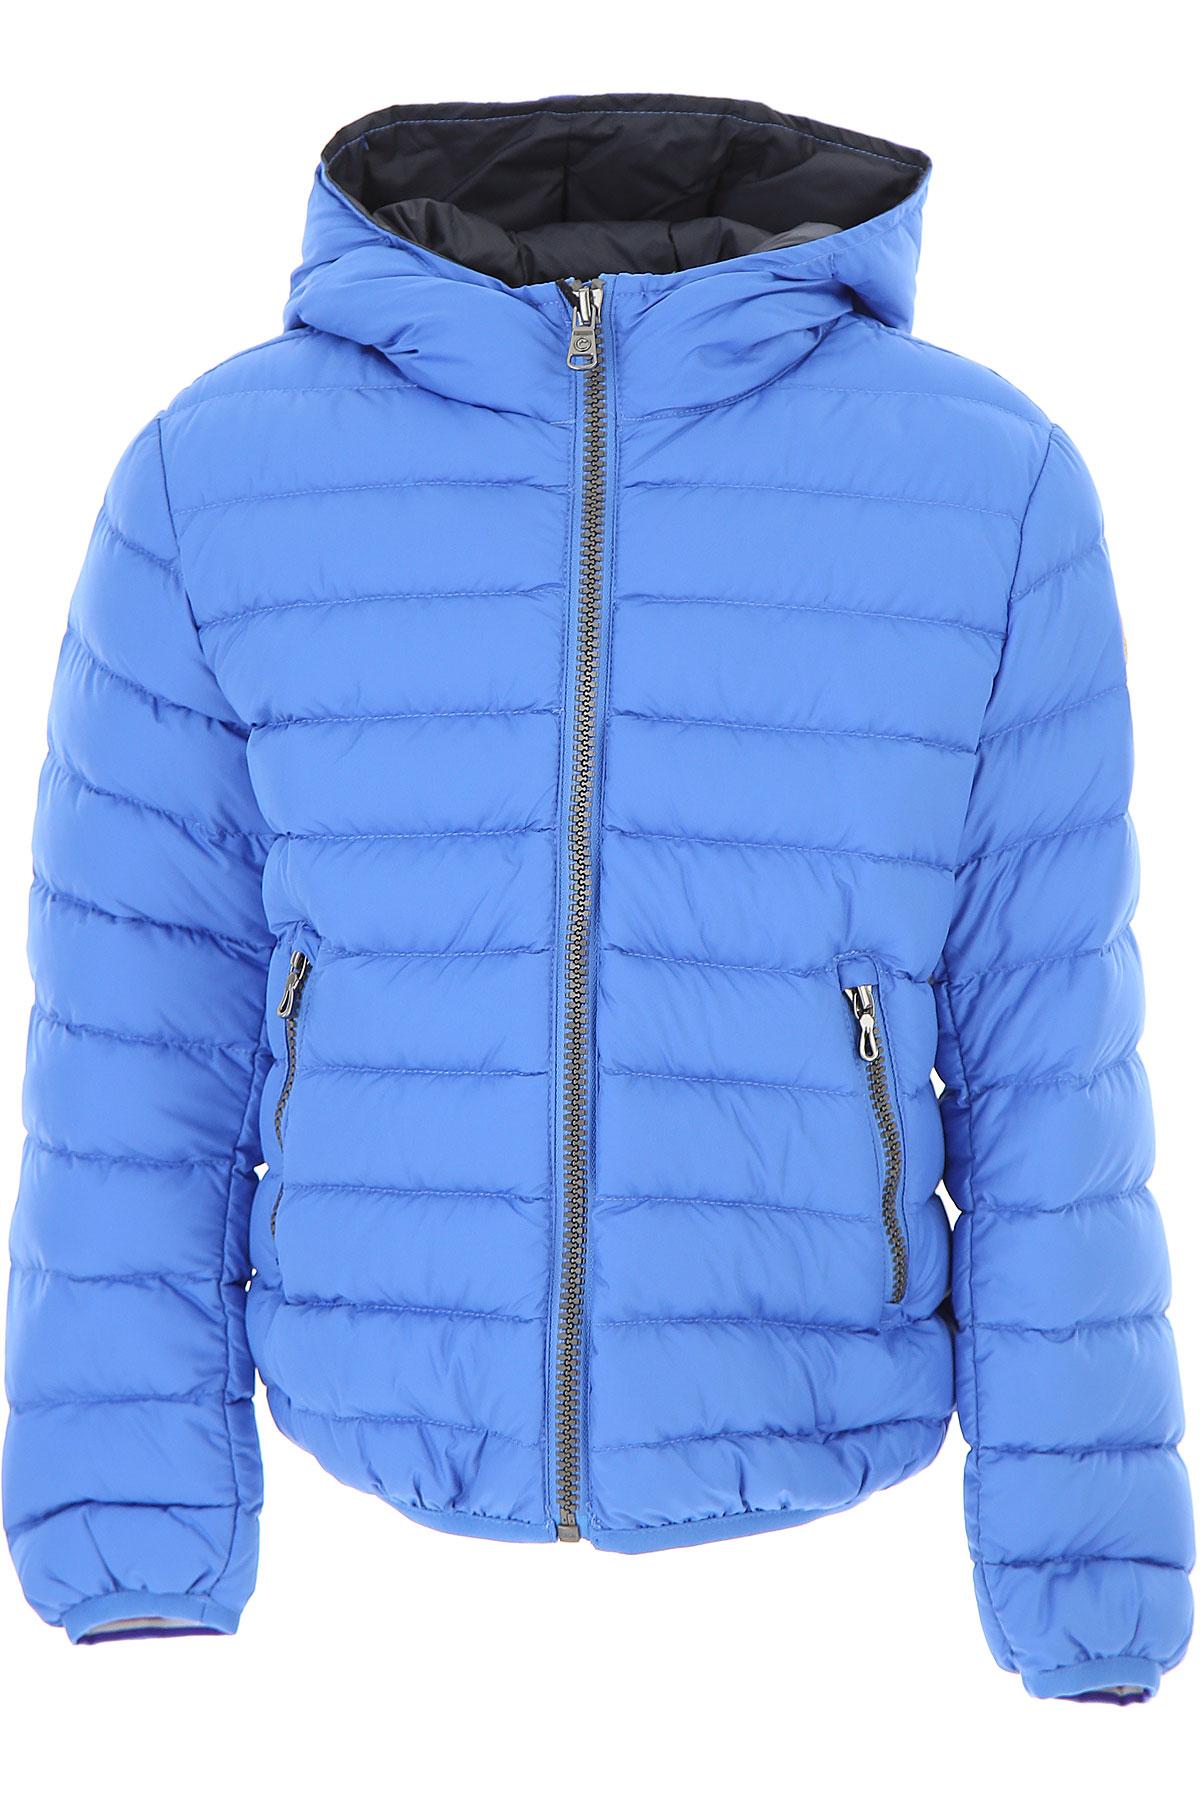 Image of Colmar Boys Down Jacket for Kids, Puffer Ski Jacket, Light Blue, polyester, 2017, 10Y 4Y 6Y 8Y